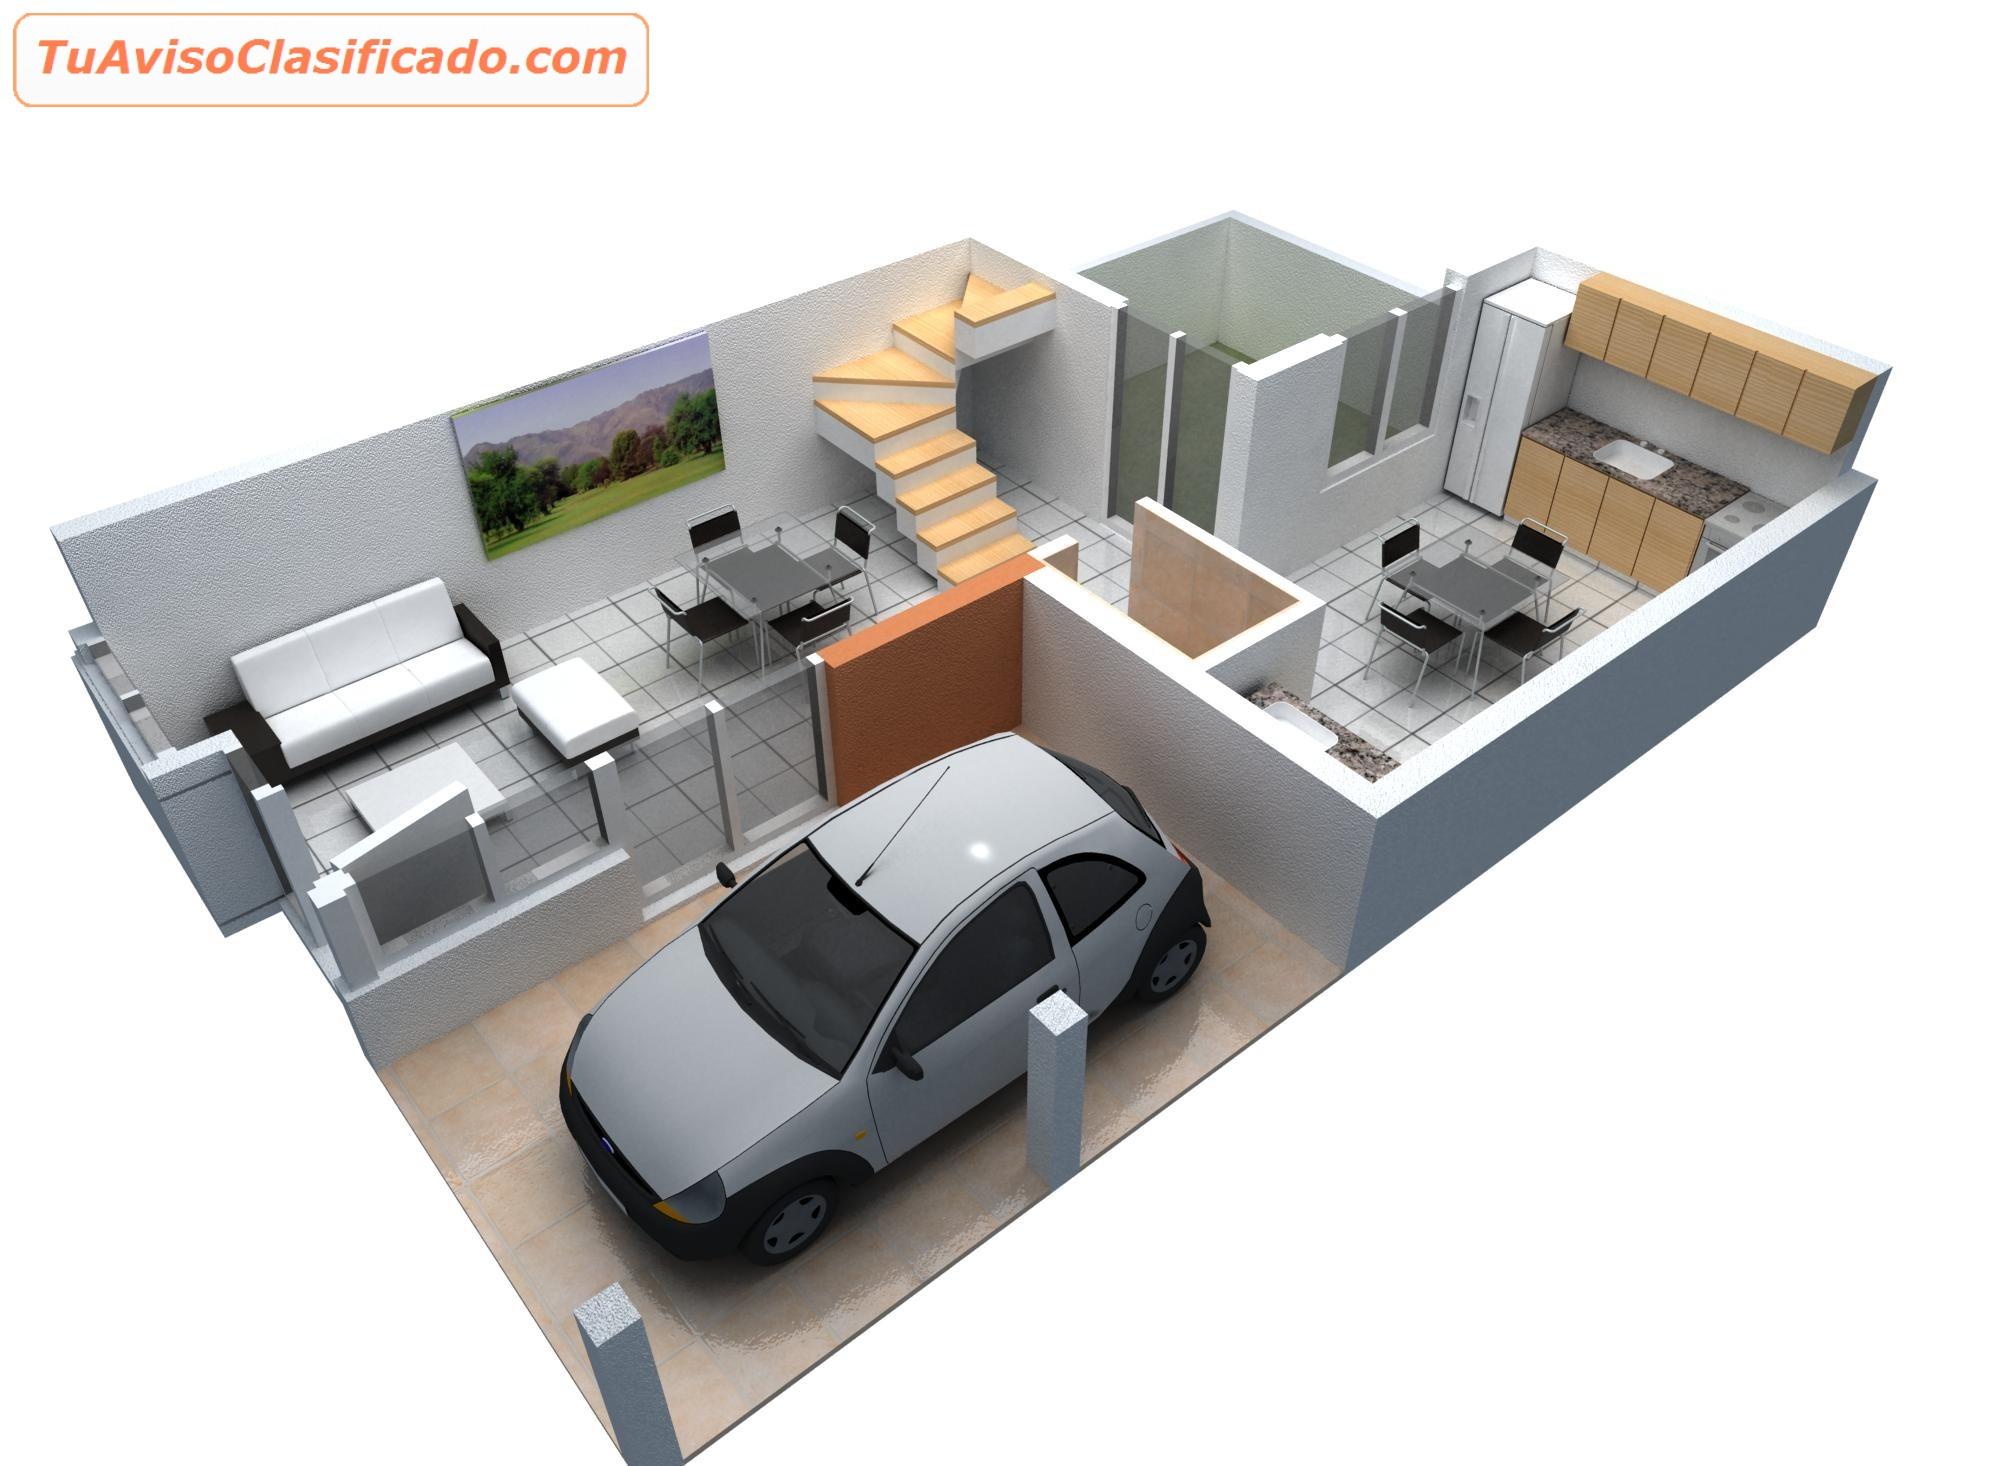 Two Bedroom Ground Floor Plan